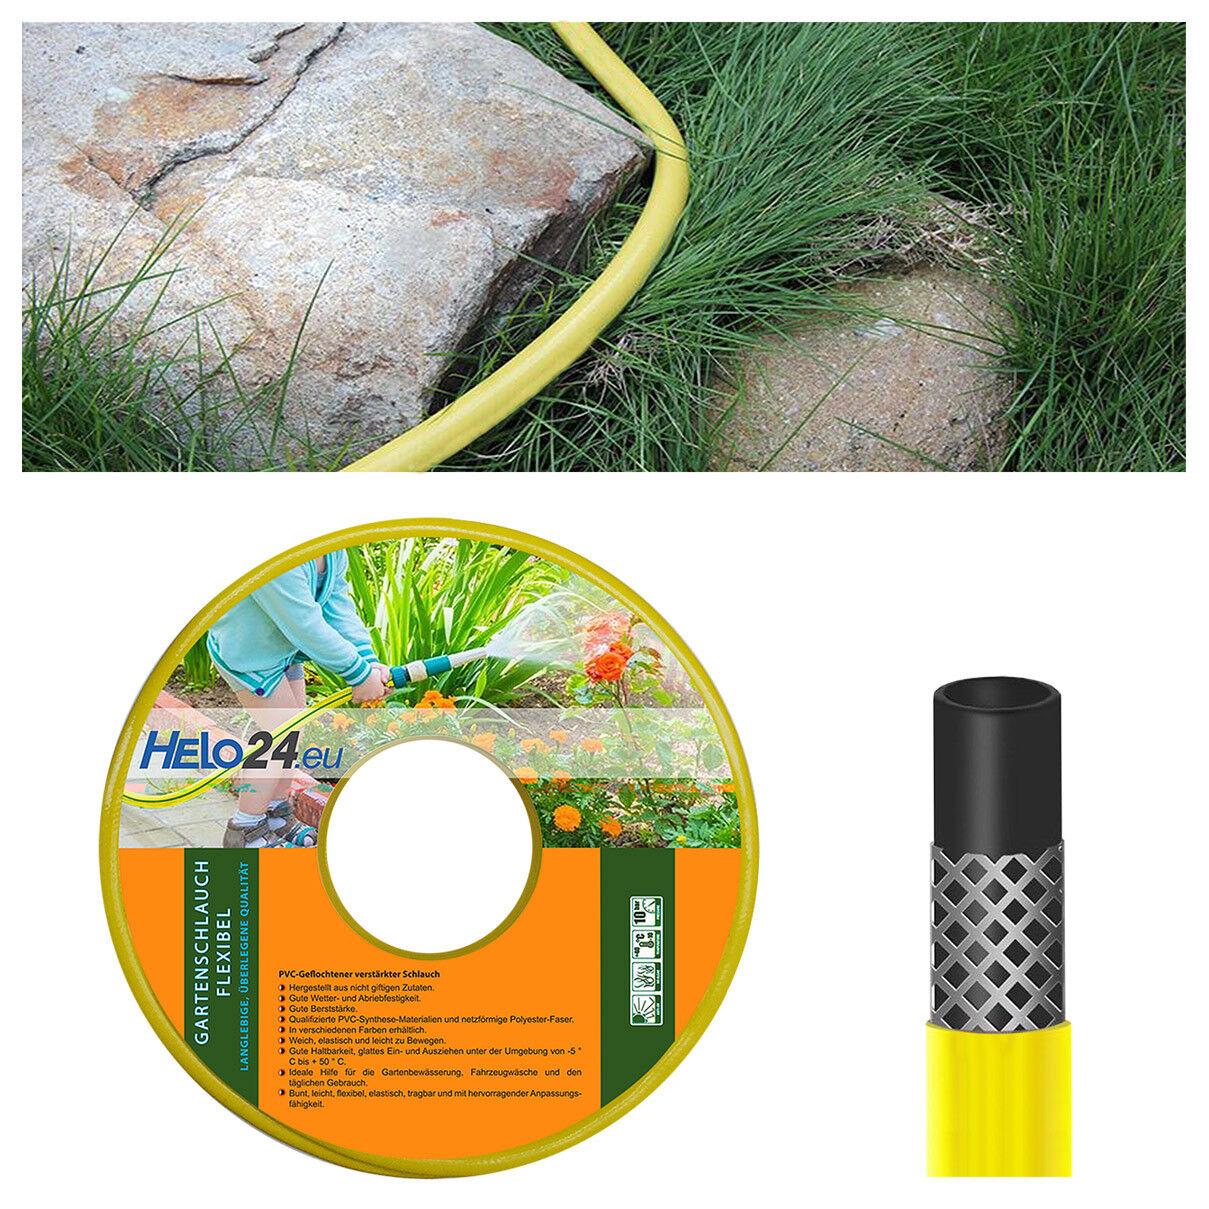 Gartenschlauch Wasserschlauch Bewässerungsschlauch 50m 1  Zoll gelb   m | Erschwinglich  | Ich kann es nicht ablegen  | eine große Vielfalt